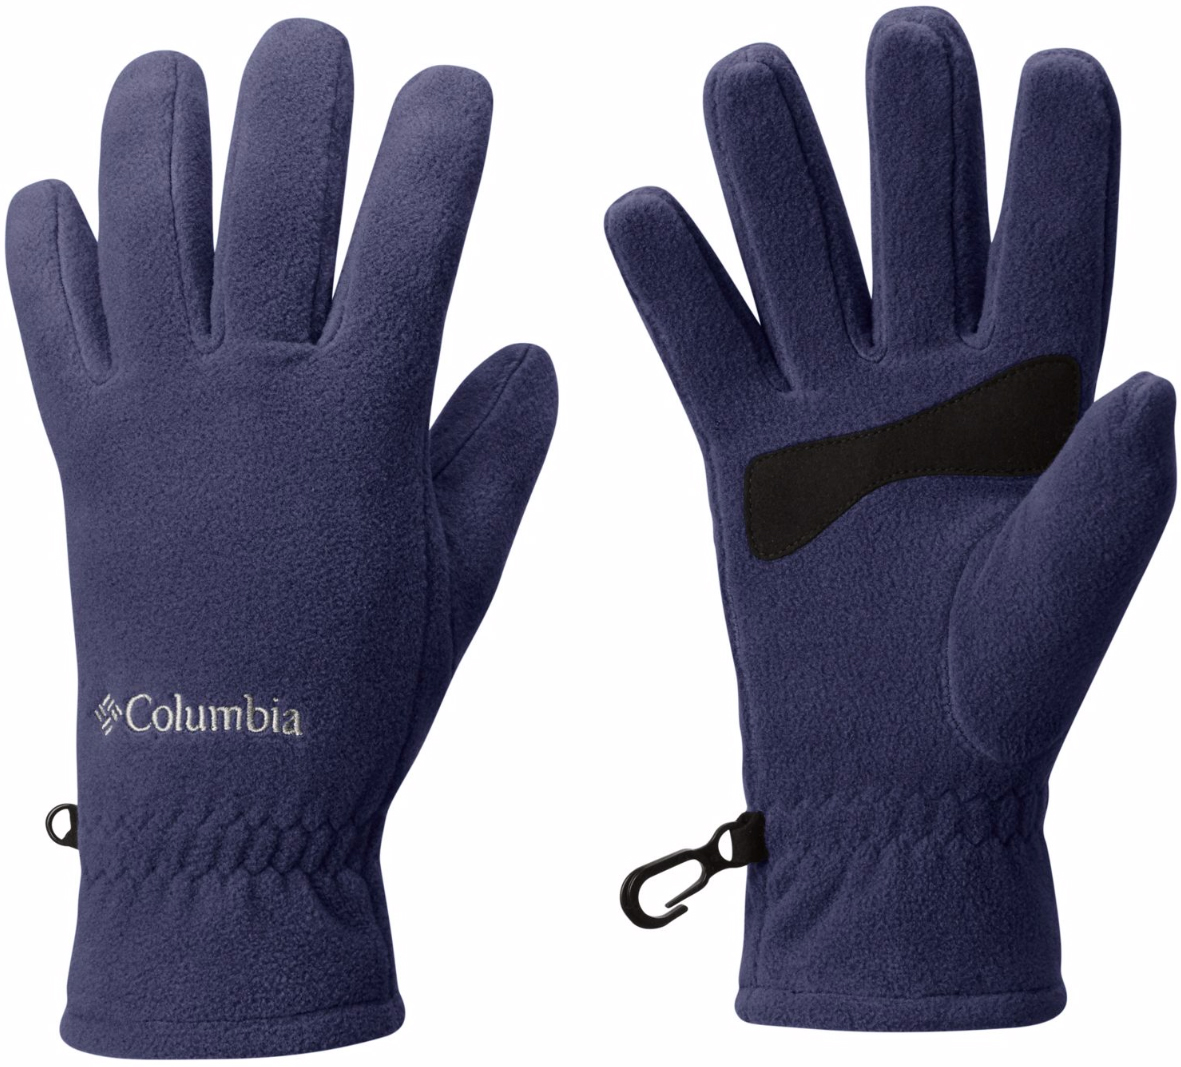 Перчатки жен Columbia W Fast Trek Glove, цвет: фиолетовый. 1555821-563. Размер M (8)1555821-563Женские перчатки Columbia W Fast Trek Glove предназначены для занятий активными видами спорта и для носки в городе в холодную погоду.Изделие выполнено из мягкого, высококачественного материала, запястья дополнены эластичной резинкой для наилучшего прилегания и защиты от продувания. Такие перчатки обеспечат комфорт и надежное сохранение тепла.